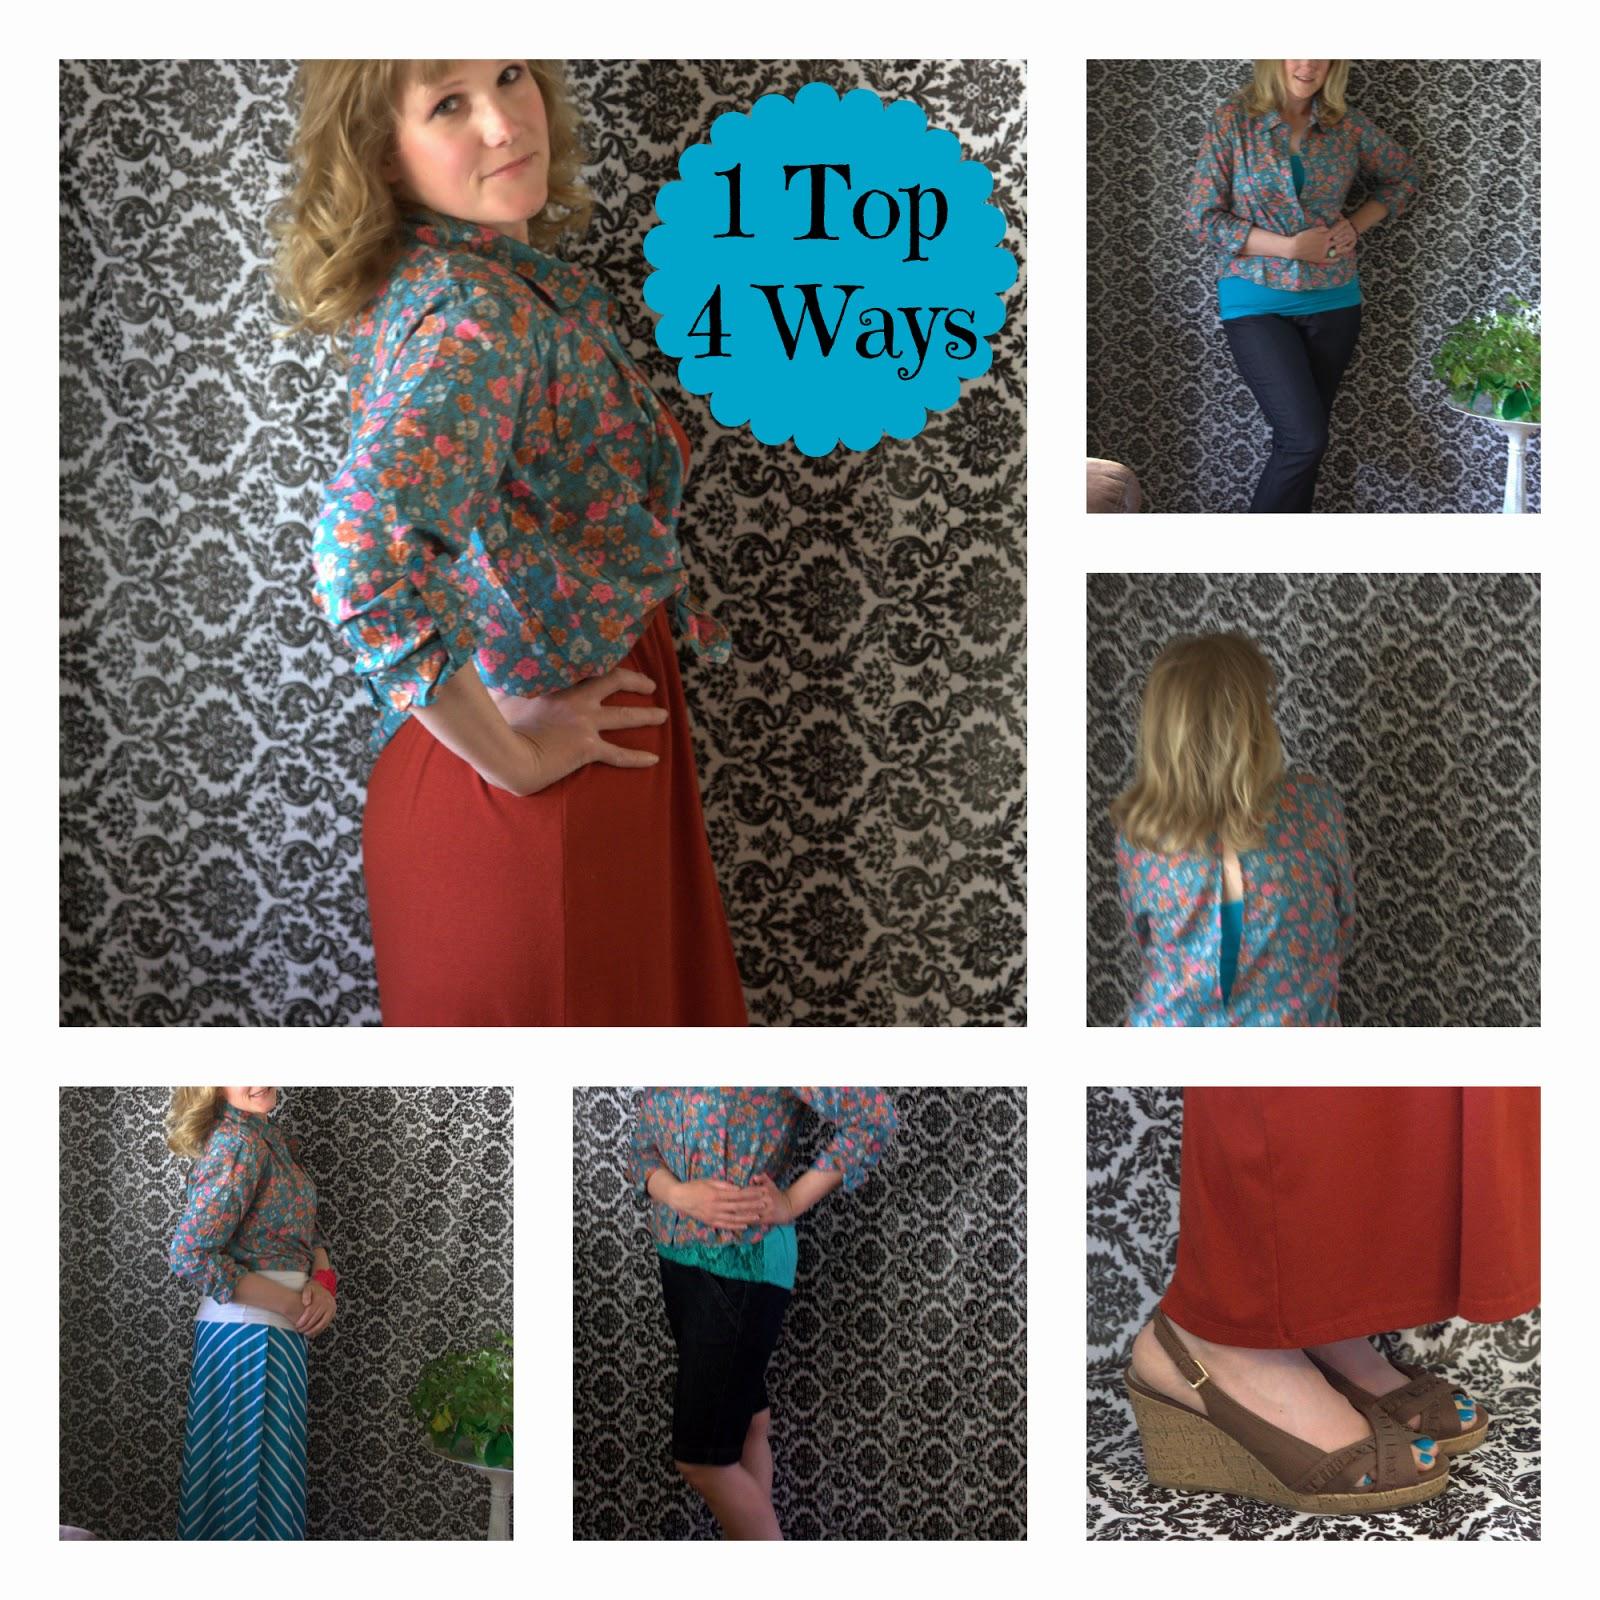 wiw 1 top 4 ways